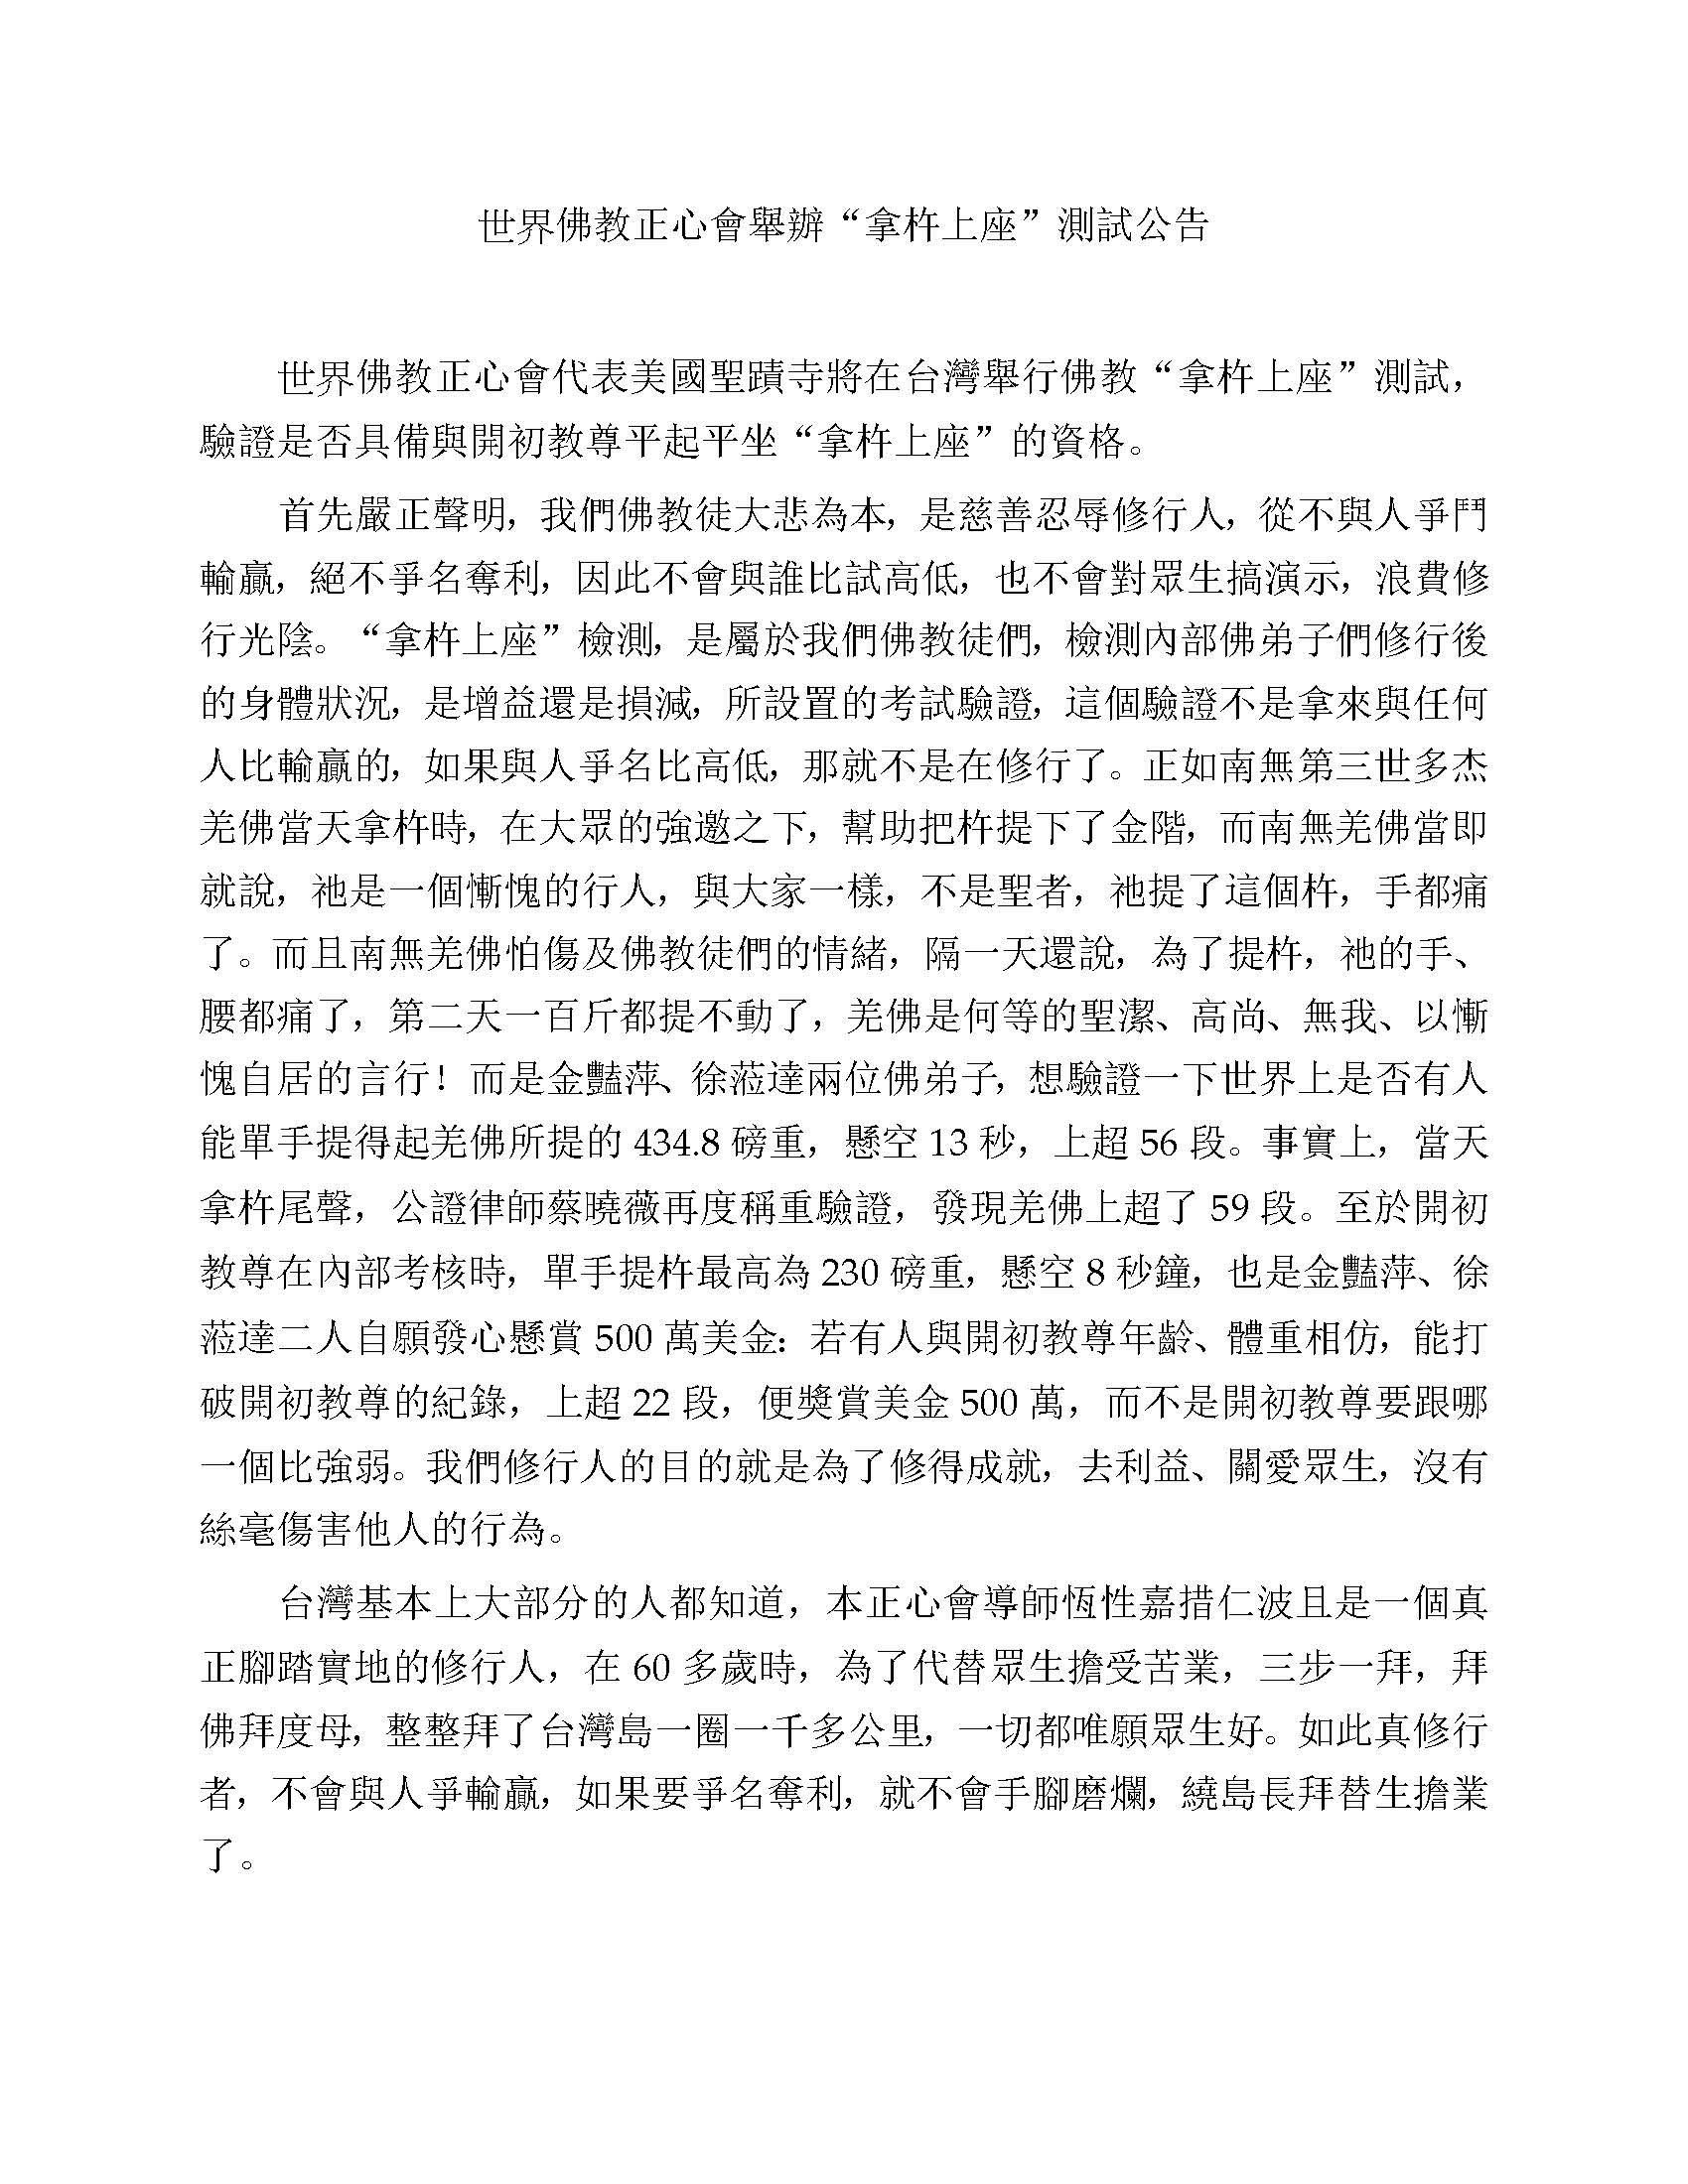 """世界佛教正心會舉辦""""拿杵上座""""測試公告_頁面_1"""